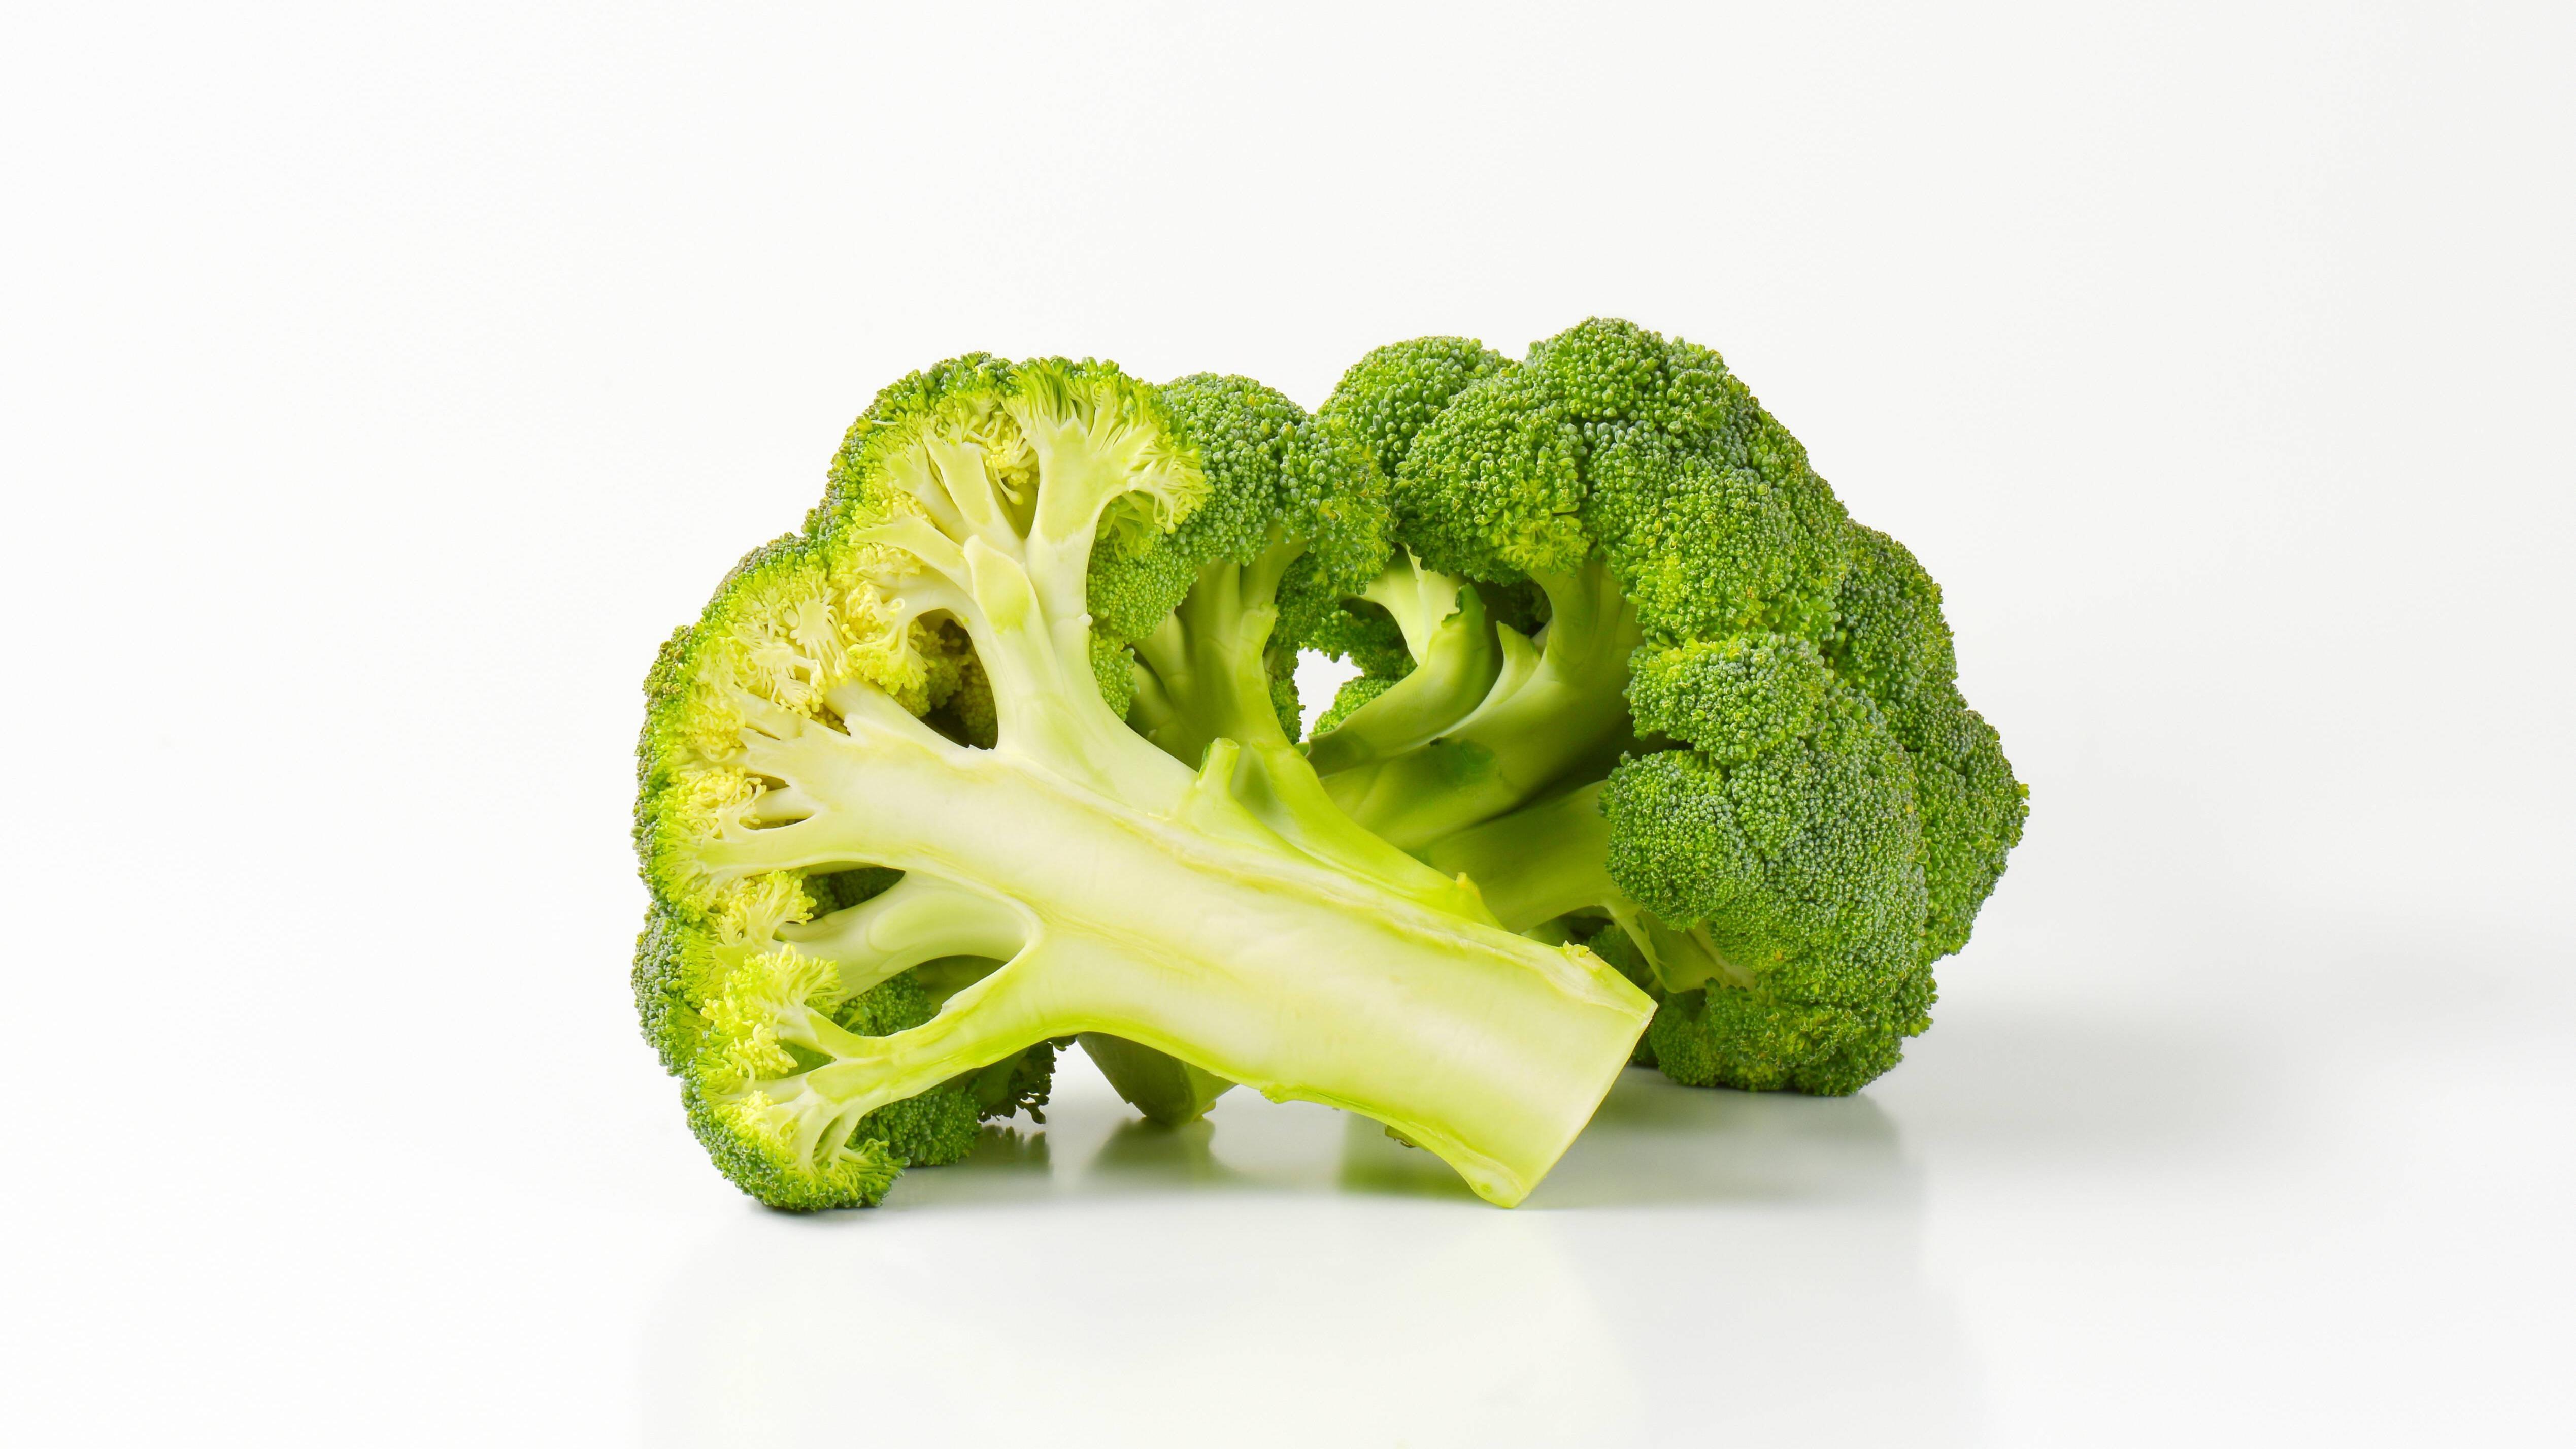 Durch das Blanchieren verliert der Brokkoli nicht seine grüne Farbe, sondern sieht weiterhin knackig und frisch aus.